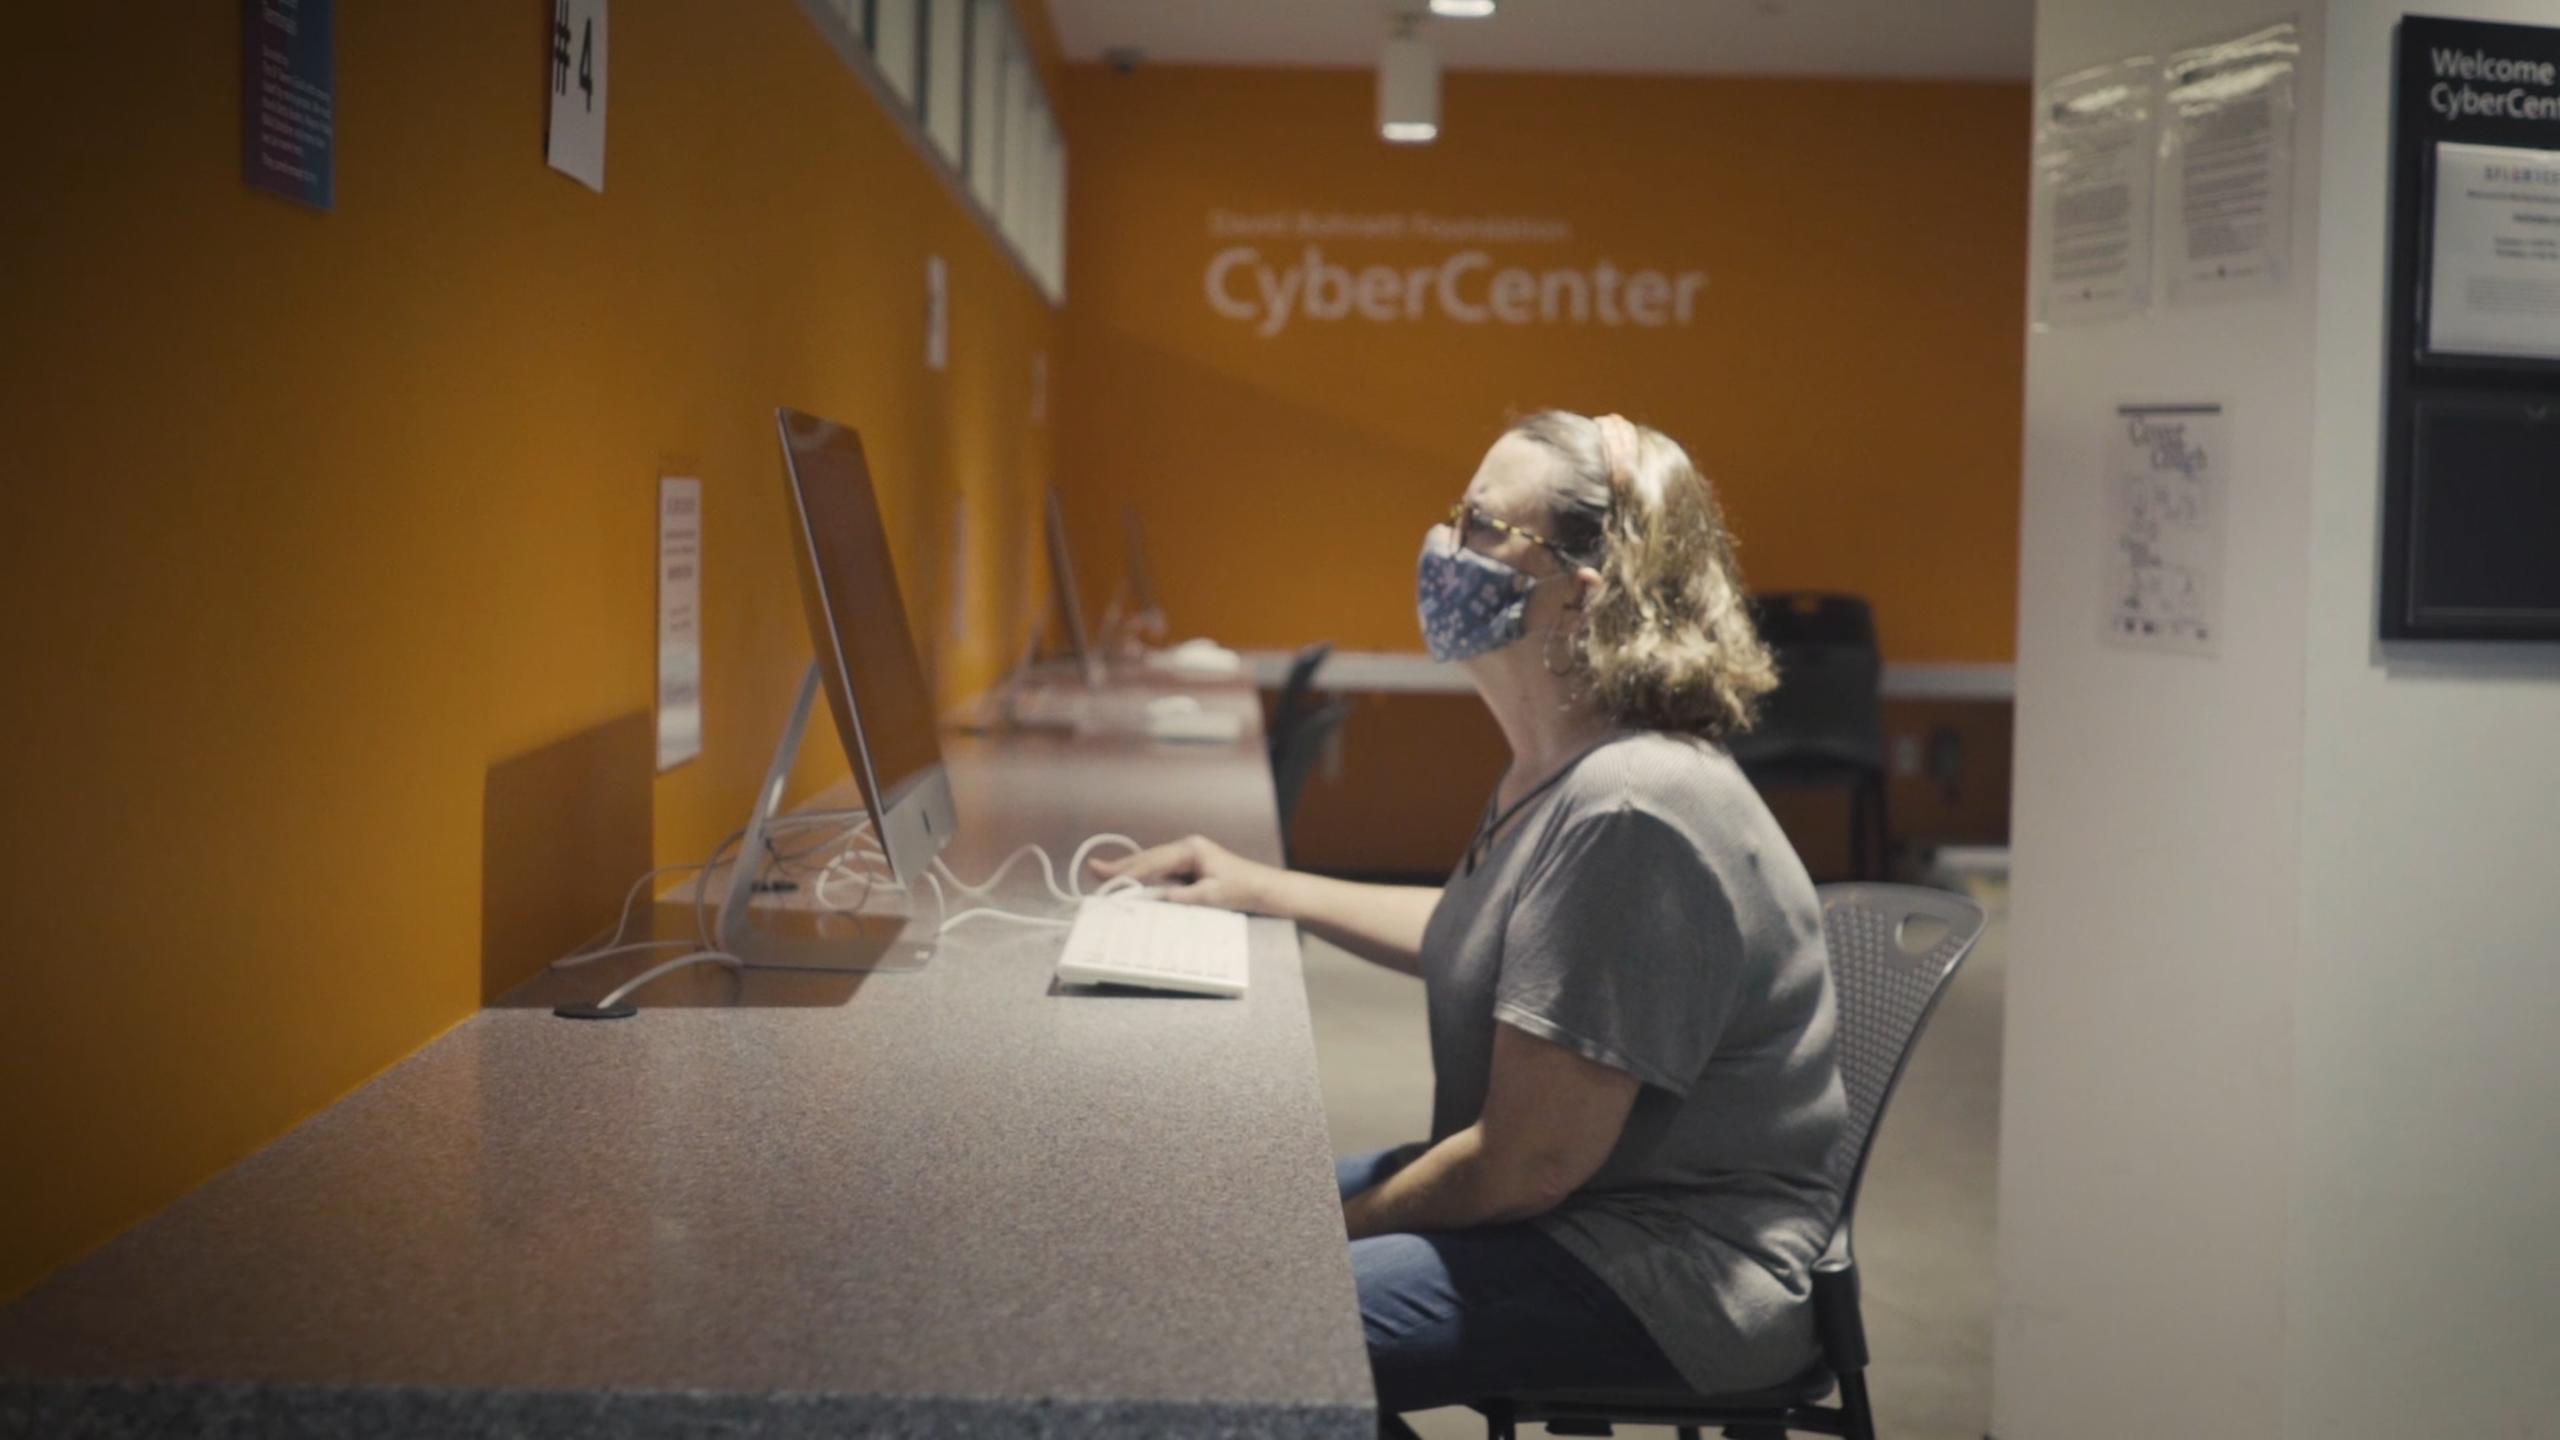 cyber center covid